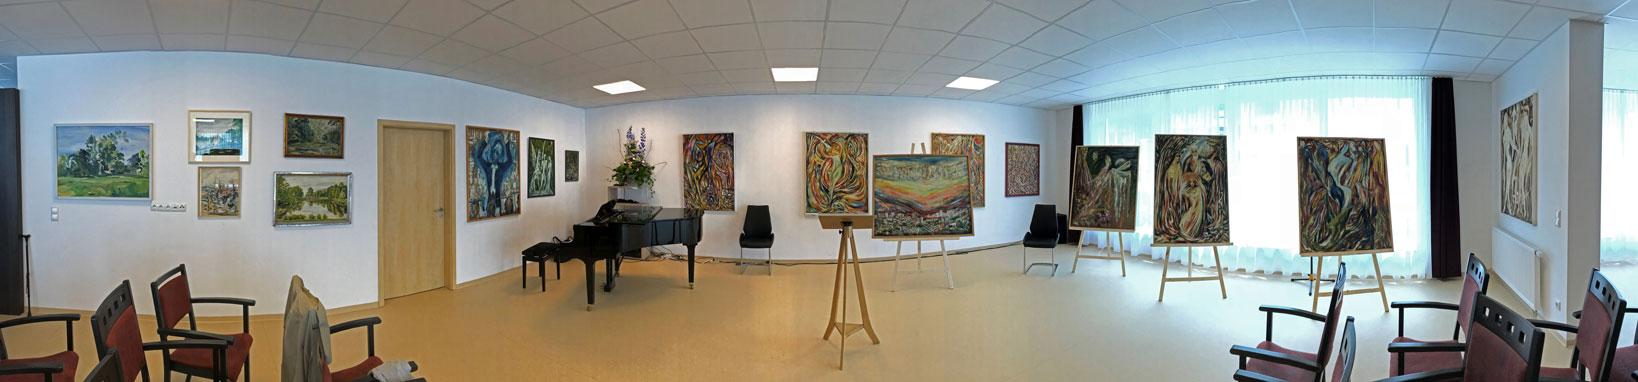 Diakonie Aschaffenburg - Ausstellung Paul Romberger